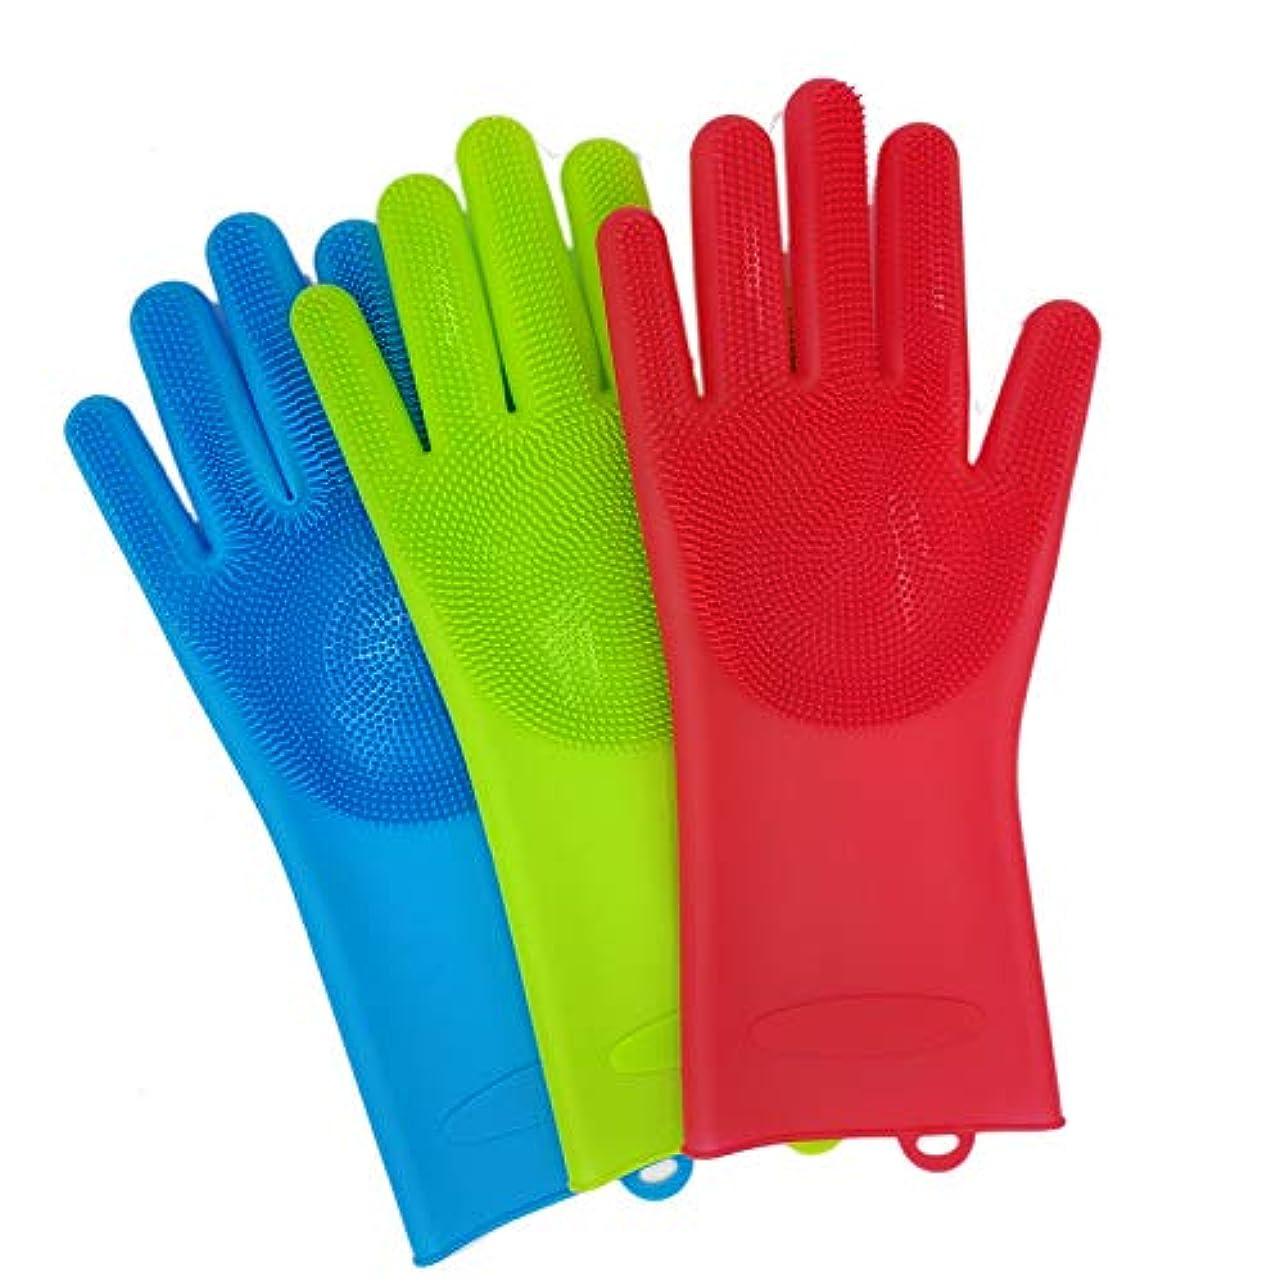 正しくニッケル告白BTXXYJP 手袋 ペット ブラシ 猫 ブラシ グローブ 耐摩耗 クリーナー 抜け毛取り マッサージブラシ 犬 グローブ ペット毛取りブラシ お手入れ (Color : Blue, Size : L)